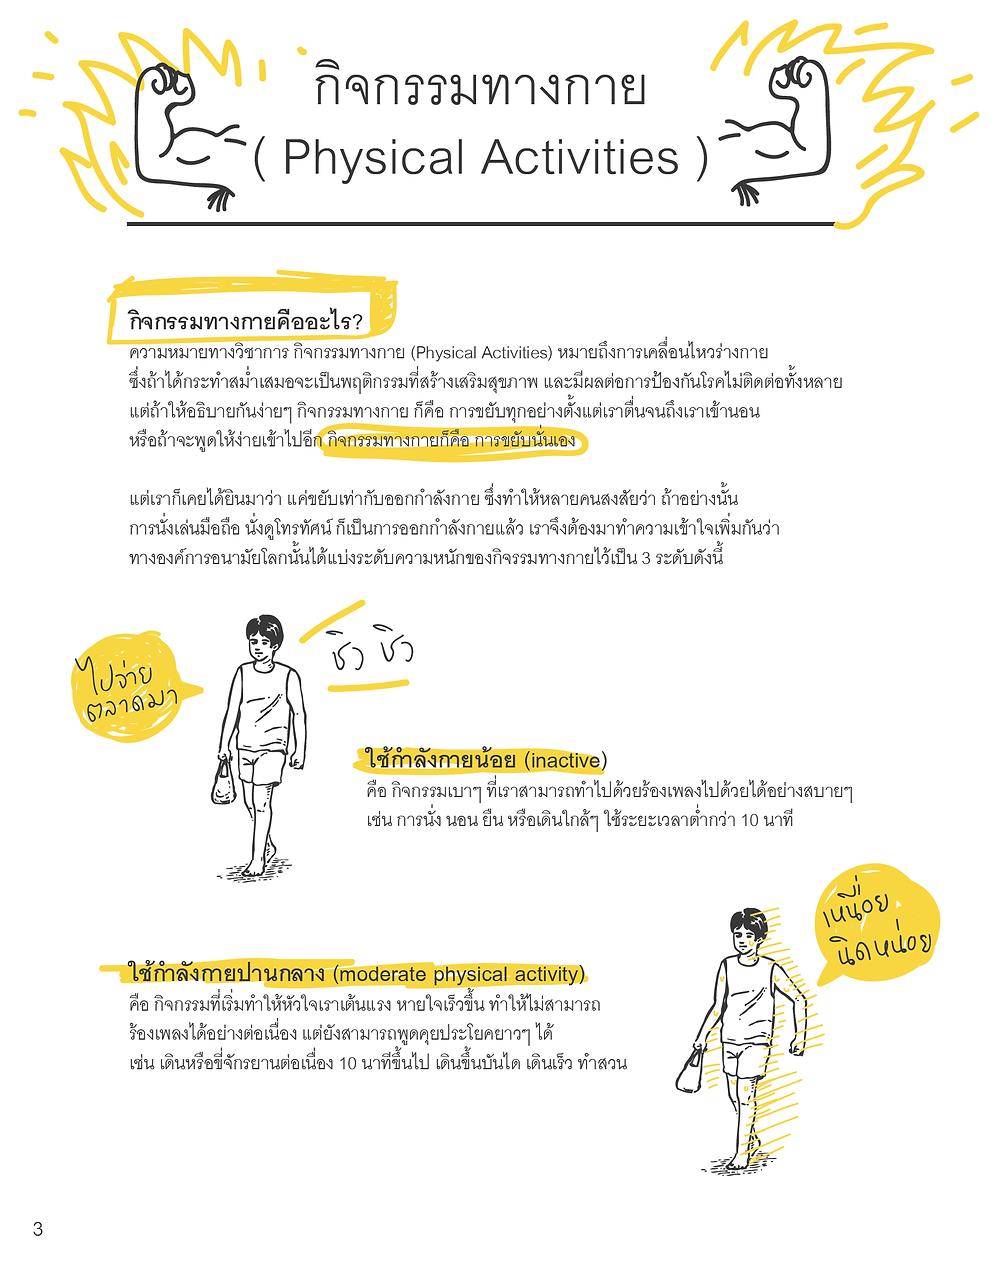 ขยับมีกี่ระดับ และส่งผลดีต่อร่างกายอย่างไร